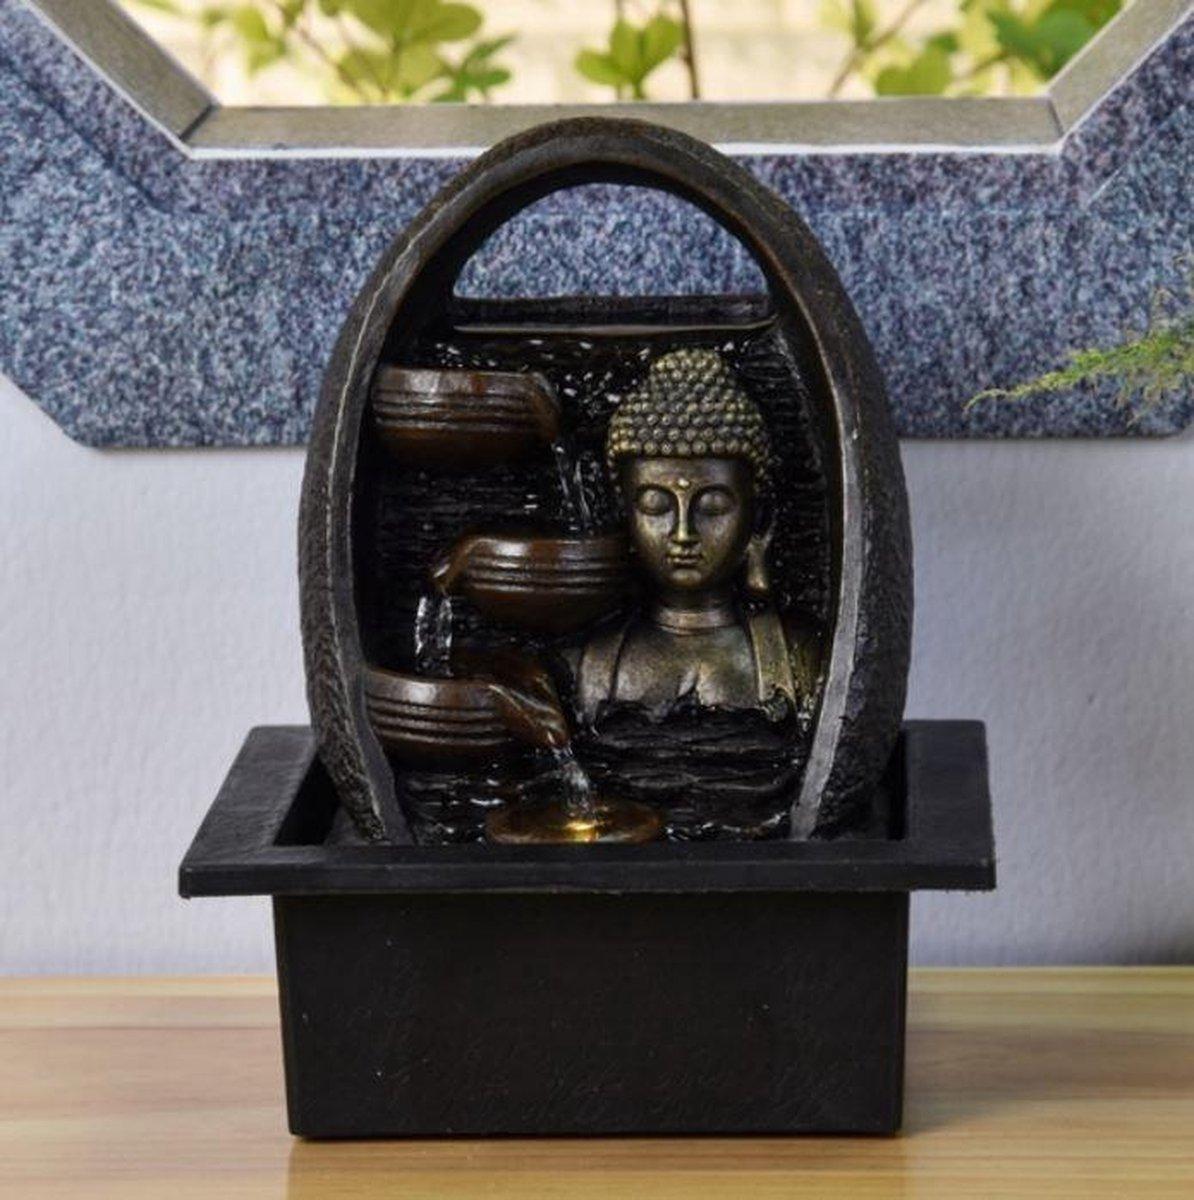 Bouddha Essan Relax - fontein -interieur - fontein voor binnen - relaxeer - zen - waterornament - cadeau - geschenk - relatiegeschenk - origineel - lente - zomer - lentecollectie - zomercollectie - afkoeling - koelte